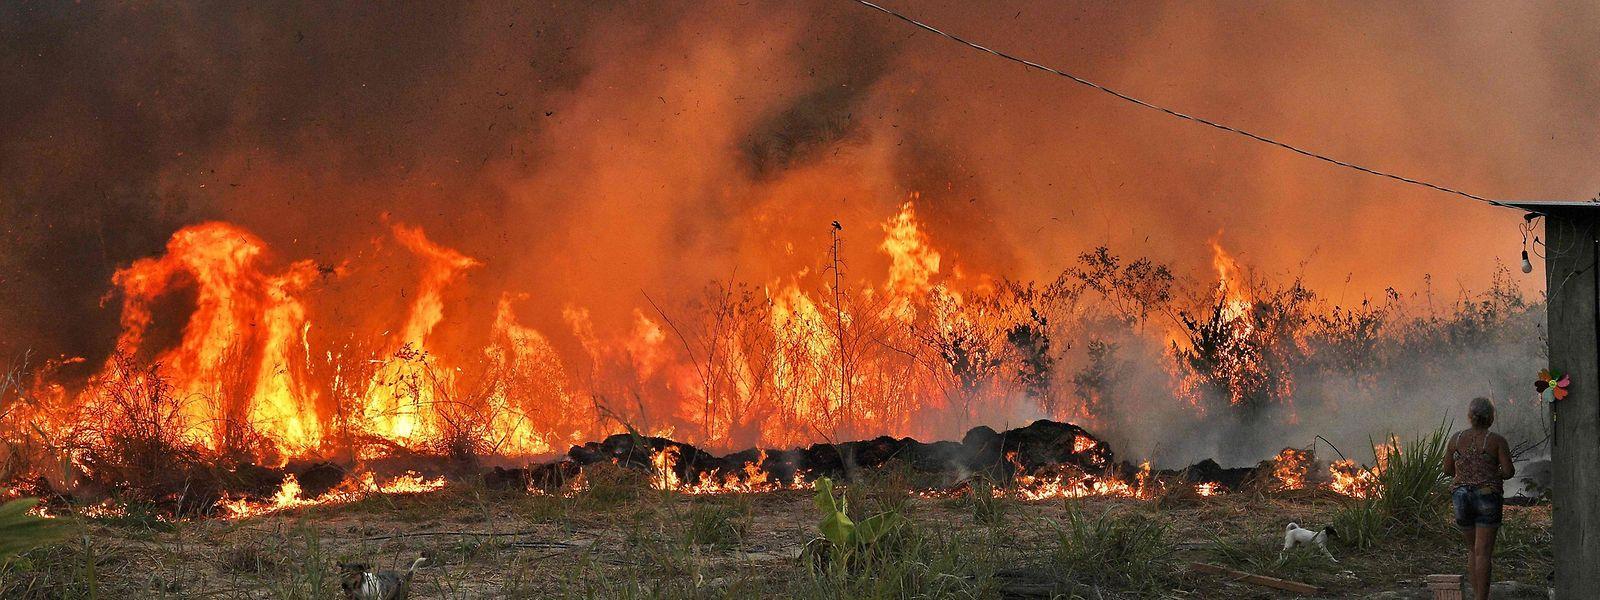 Les incendies géants en Australie et aux Etats-Unis ont pesé lourd dans la facture des dégâts l'an dernier.